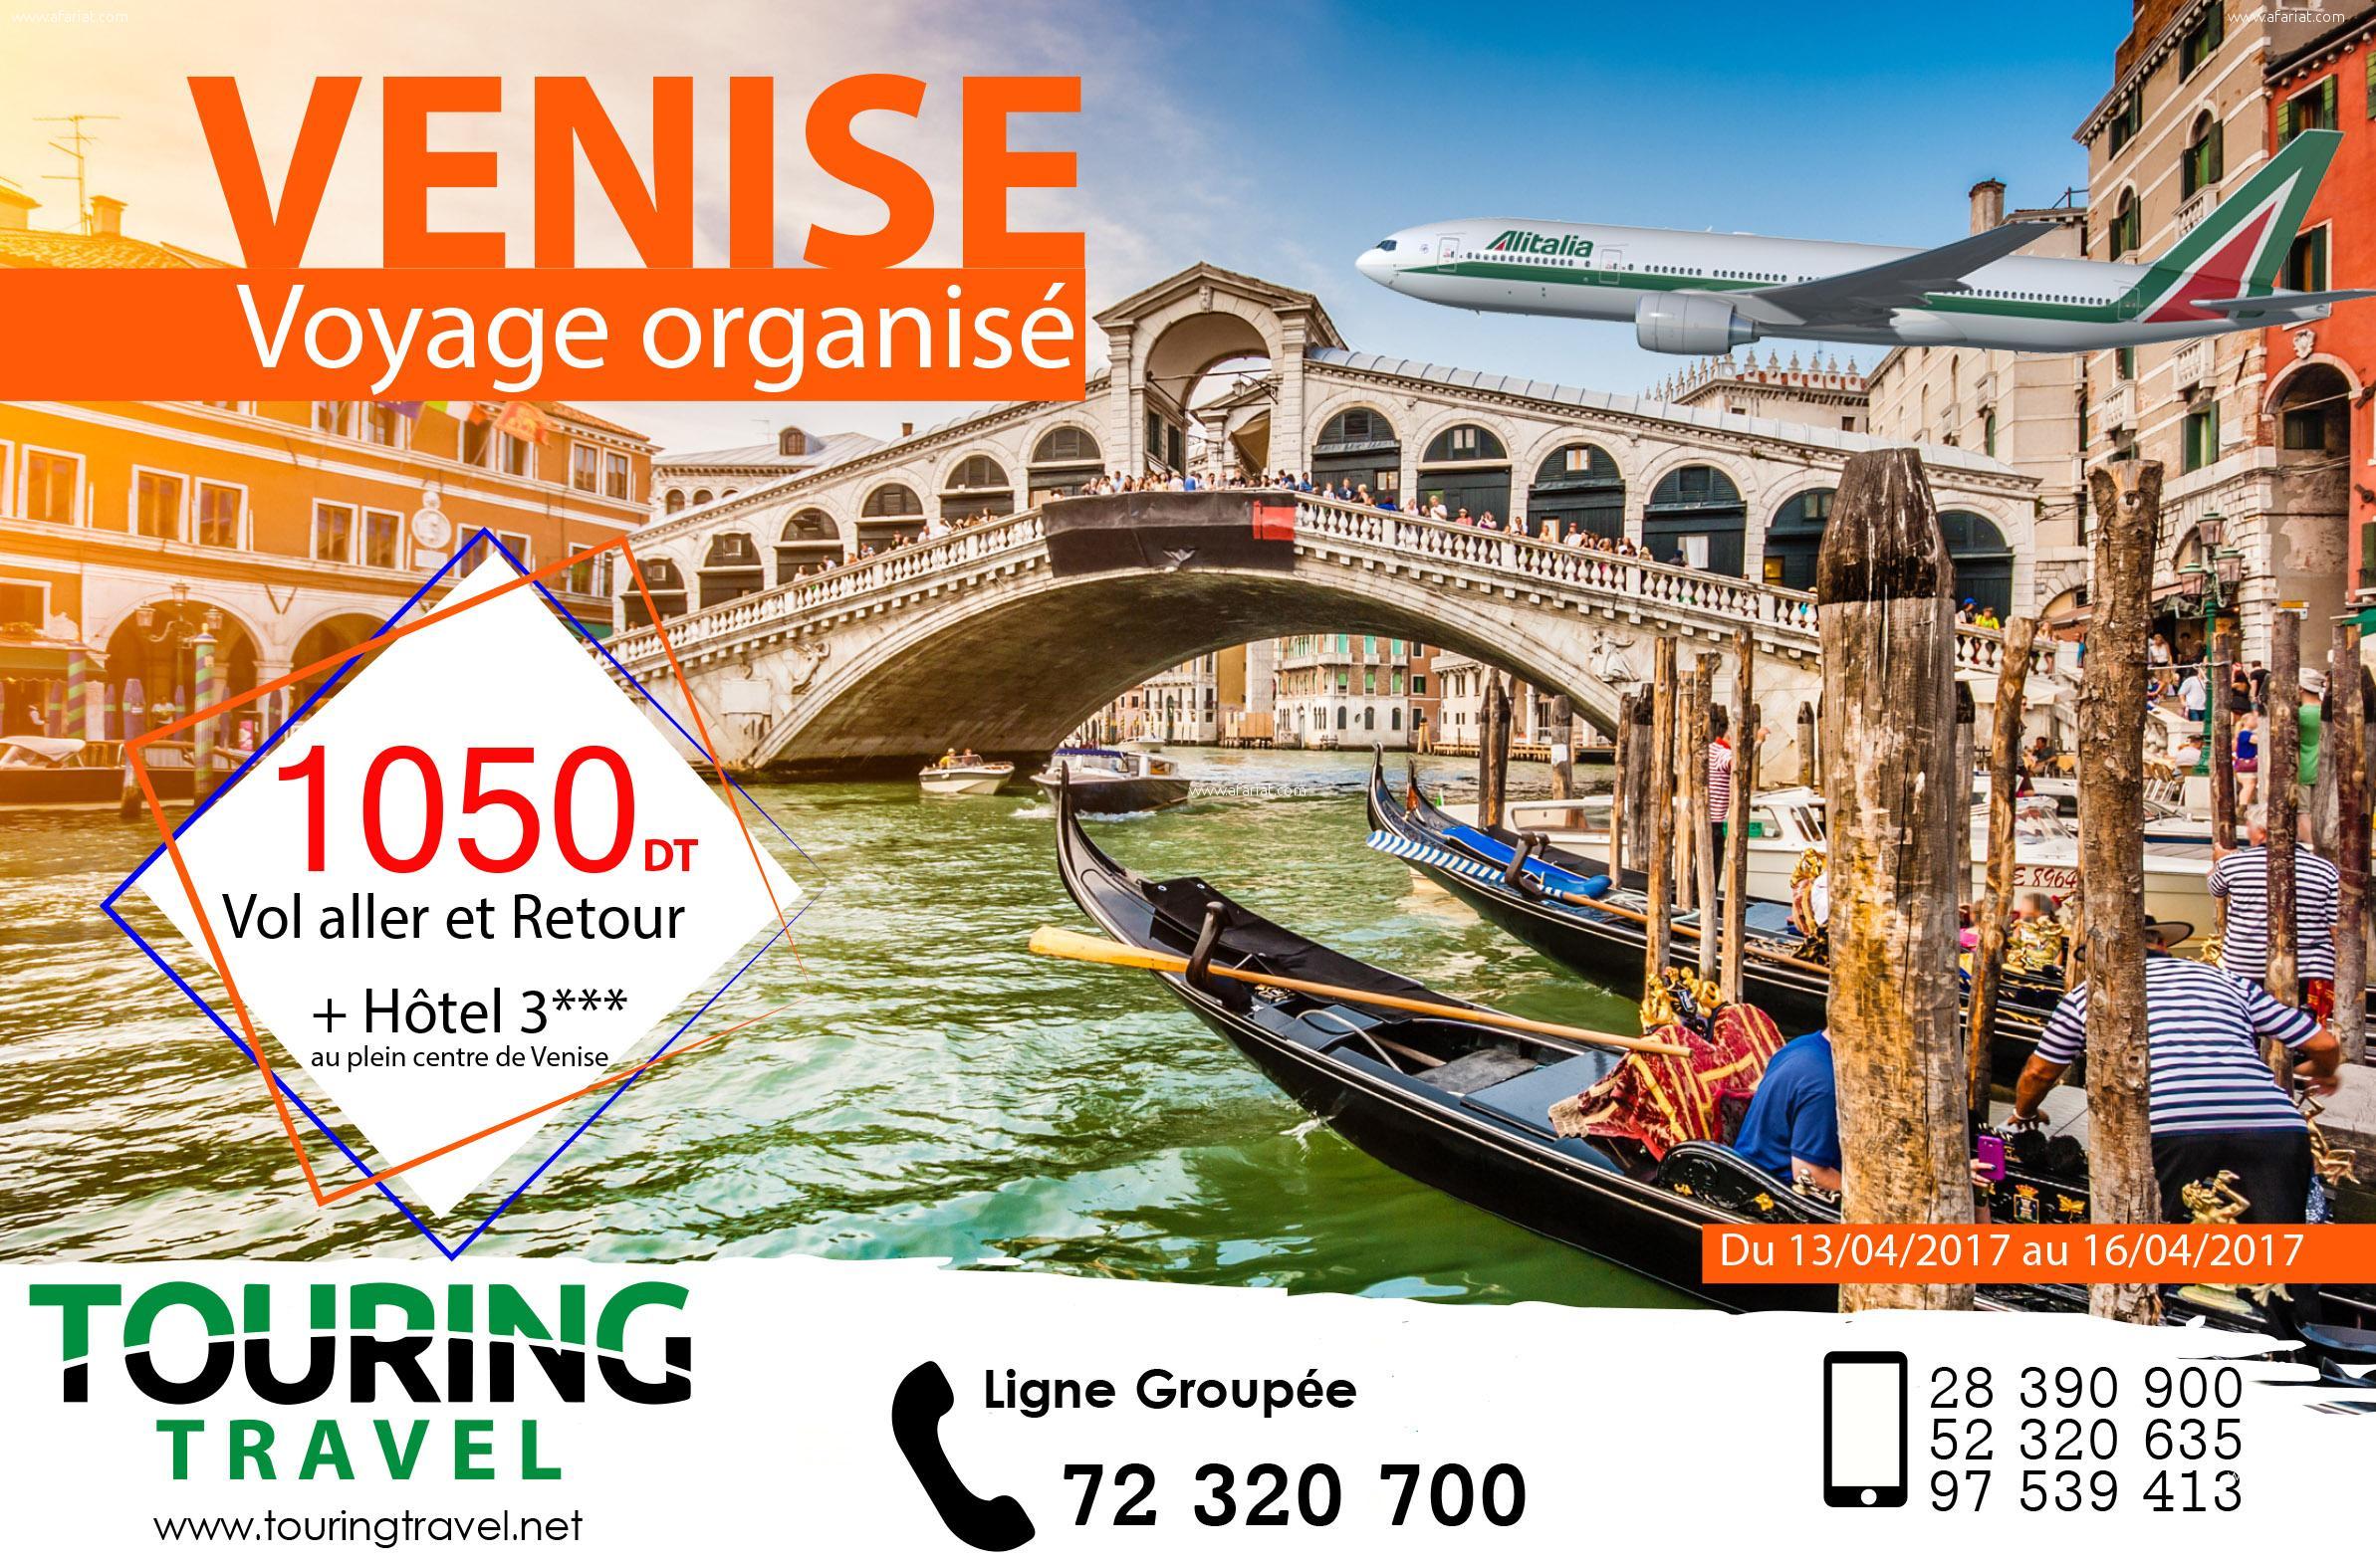 Voyage organisé Venise